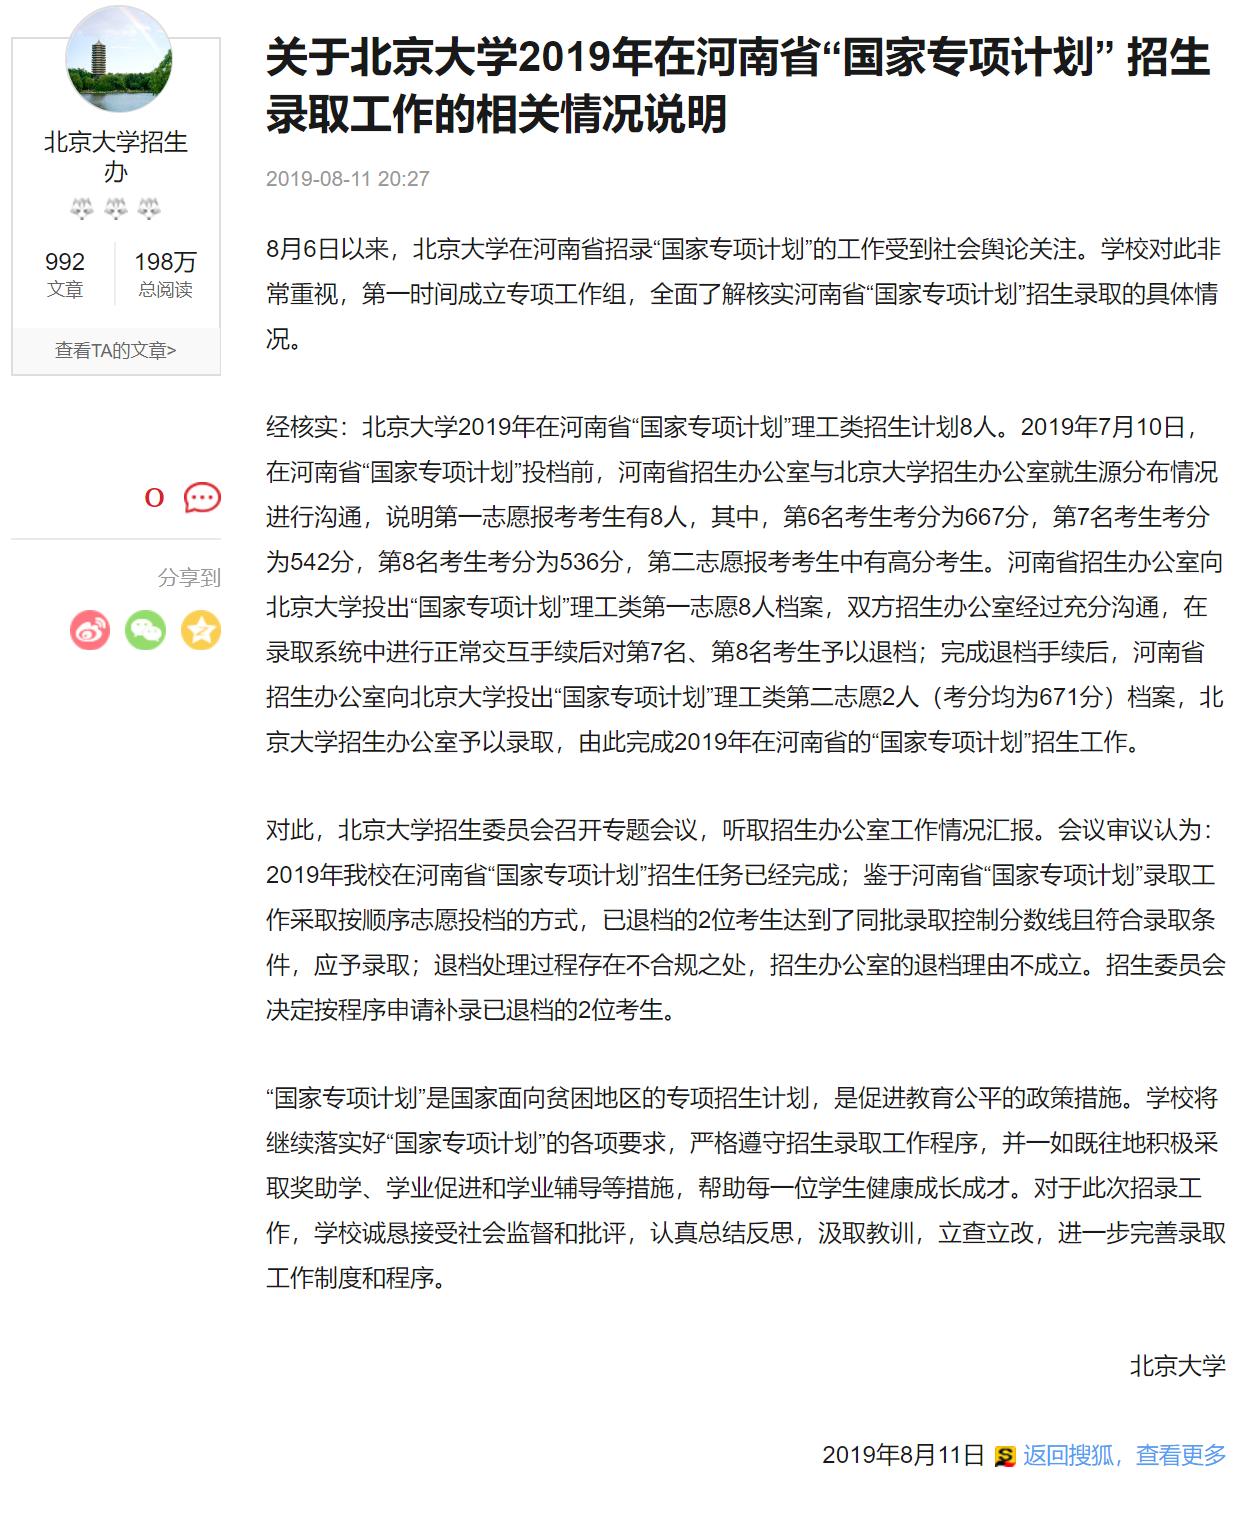 """关于北京大学2019年在河南省""""国家专项计划"""" 招生录取工作的相关情况说明_!.png.png"""